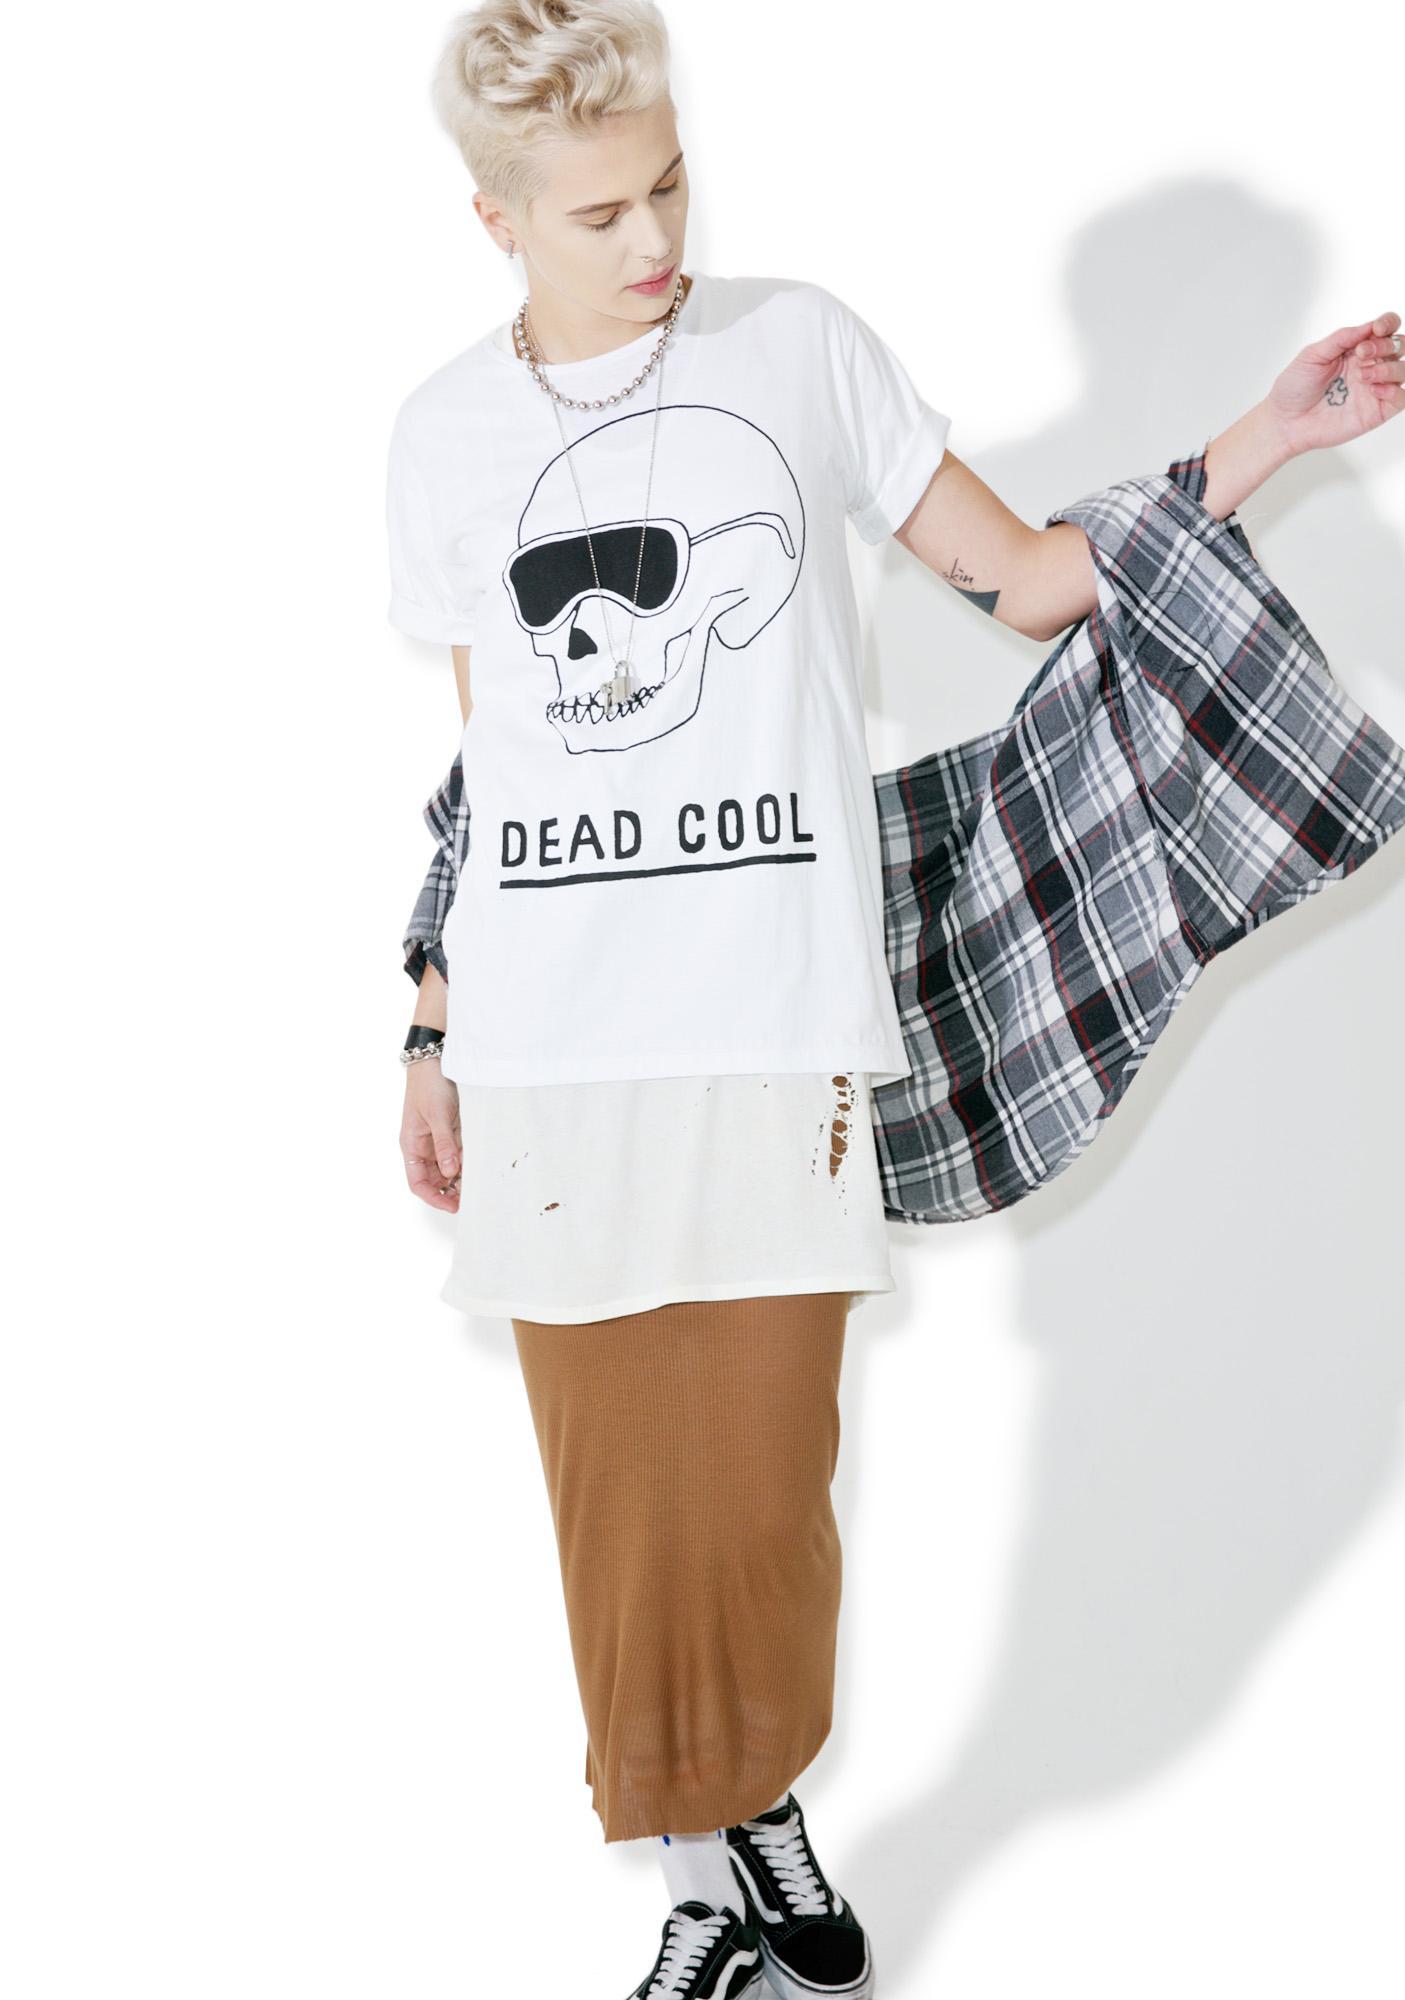 Dead Cool Tee